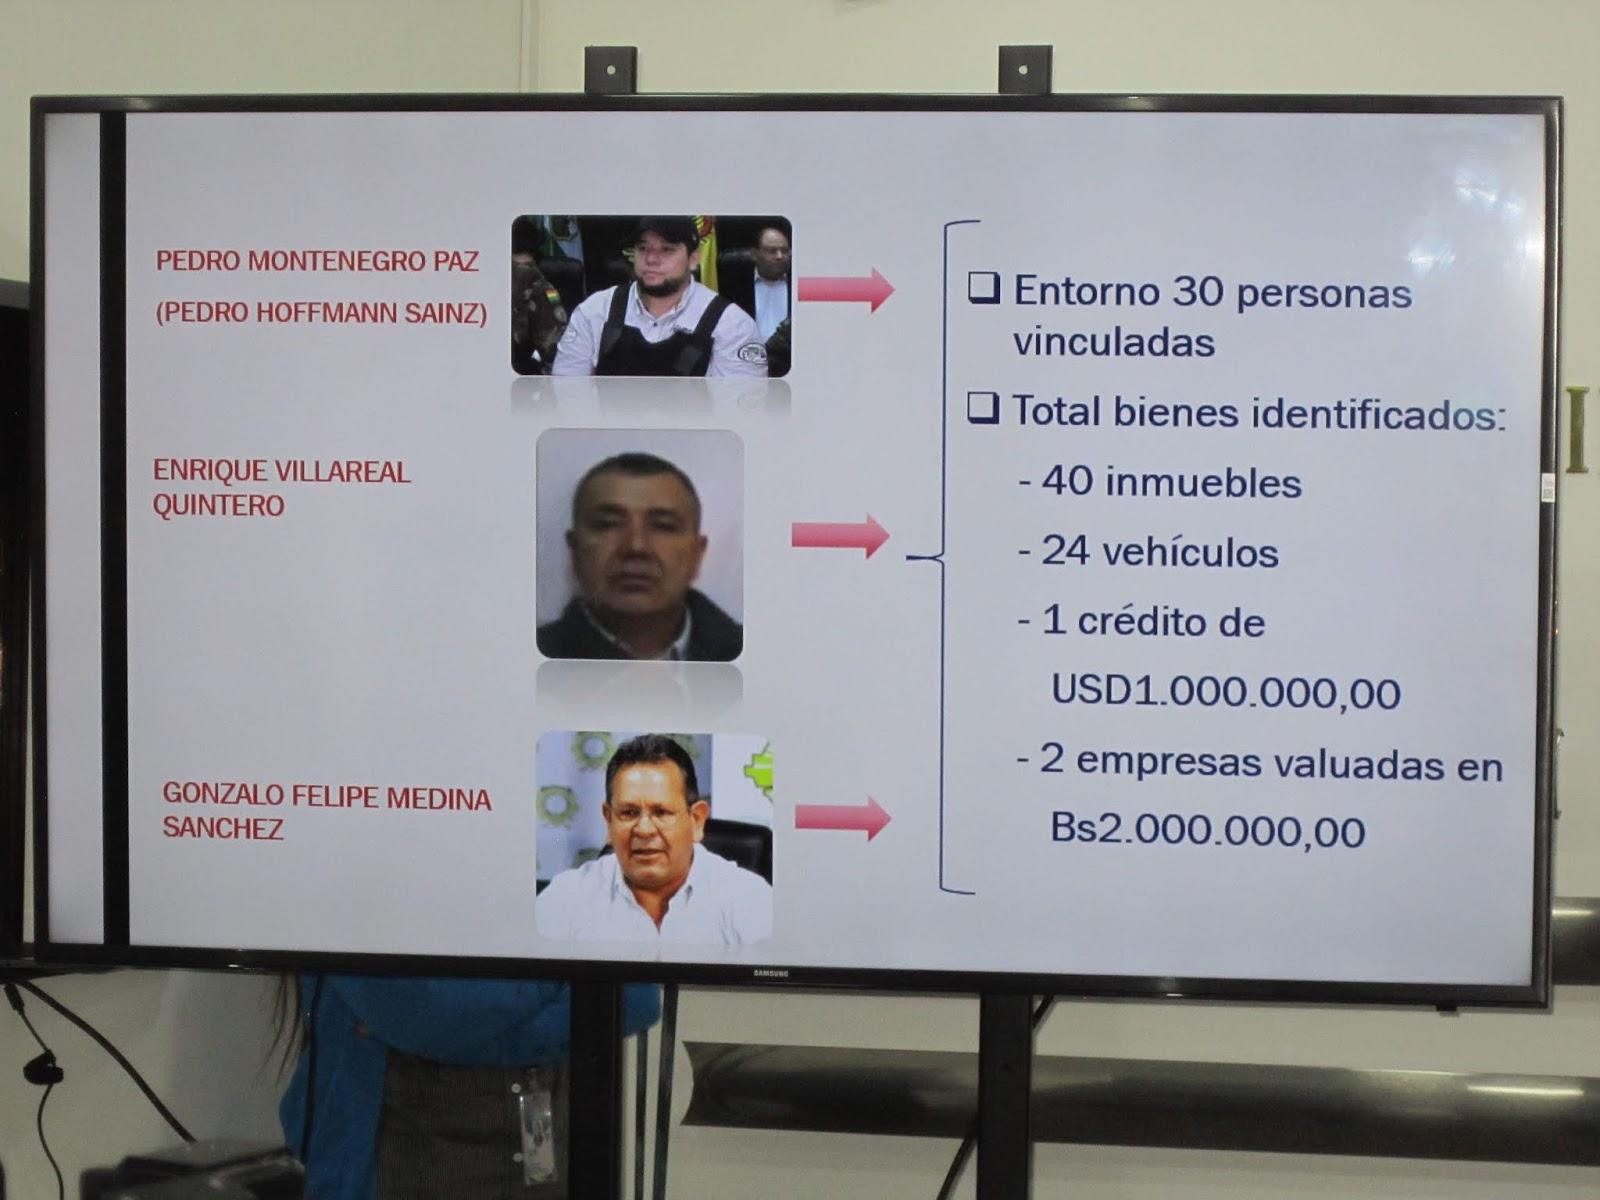 El cuadro presentado del polémico caso Montenegro - Medina / ÁNGEL SALAZAR